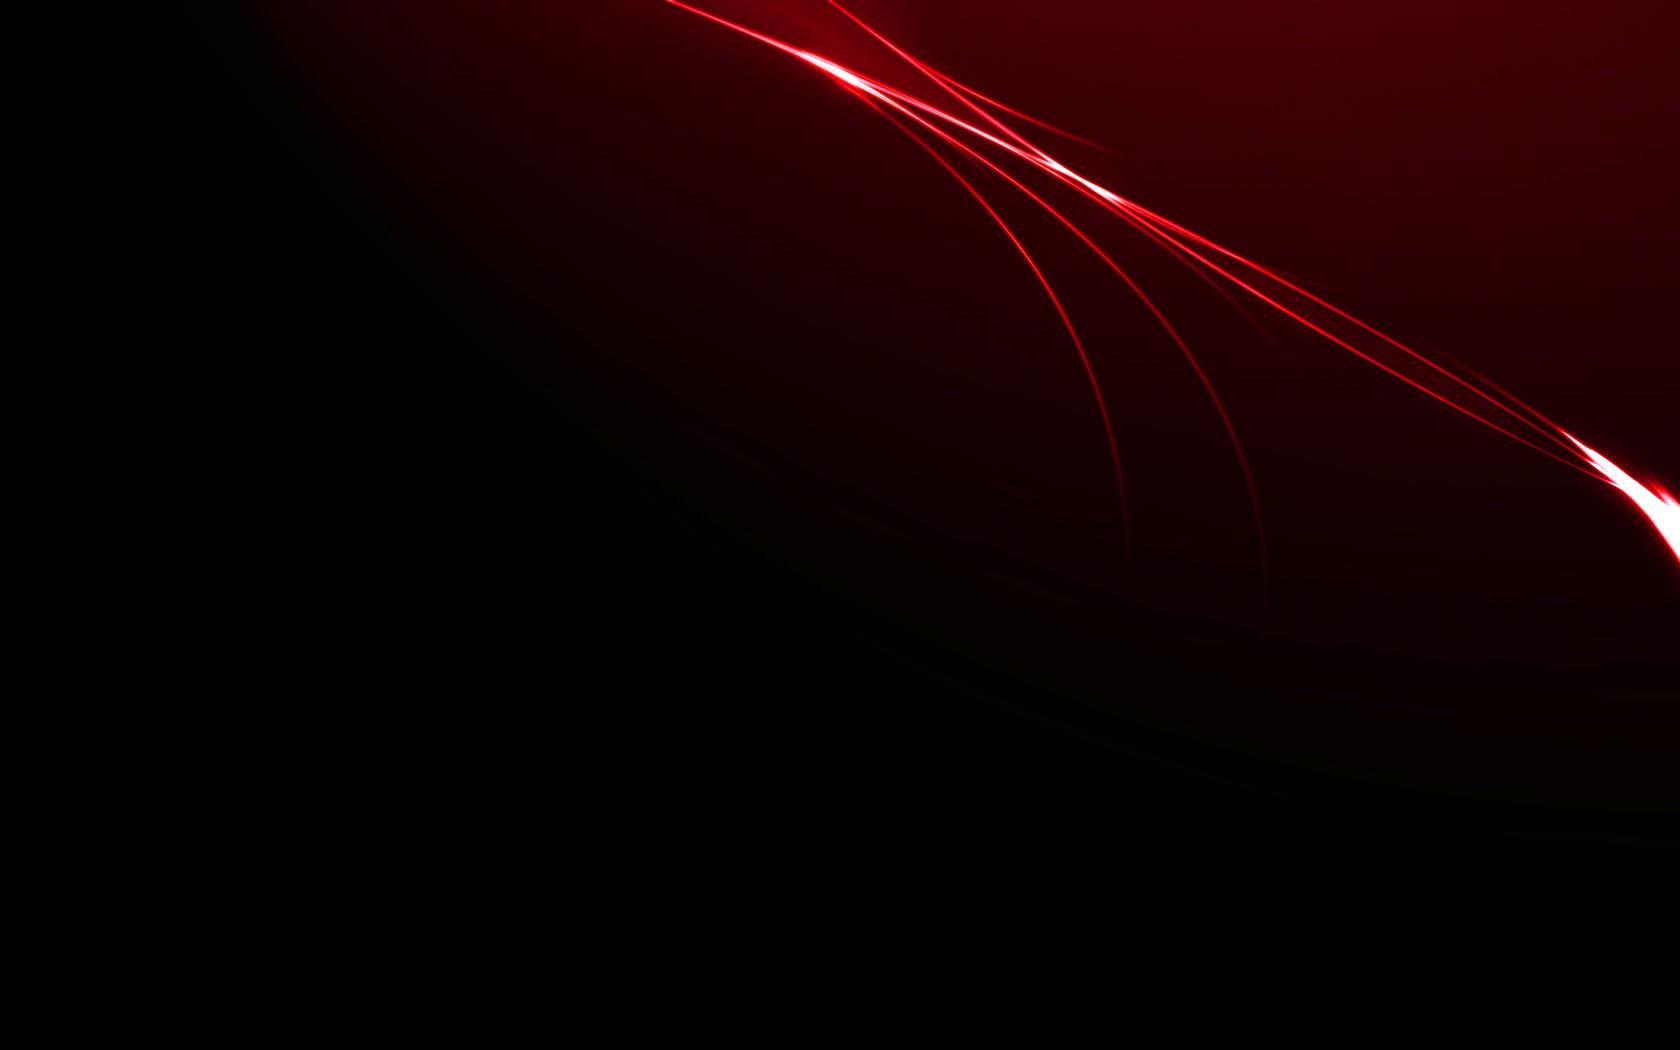 fond-ecran-couleurs-en-telechargement-libre_01